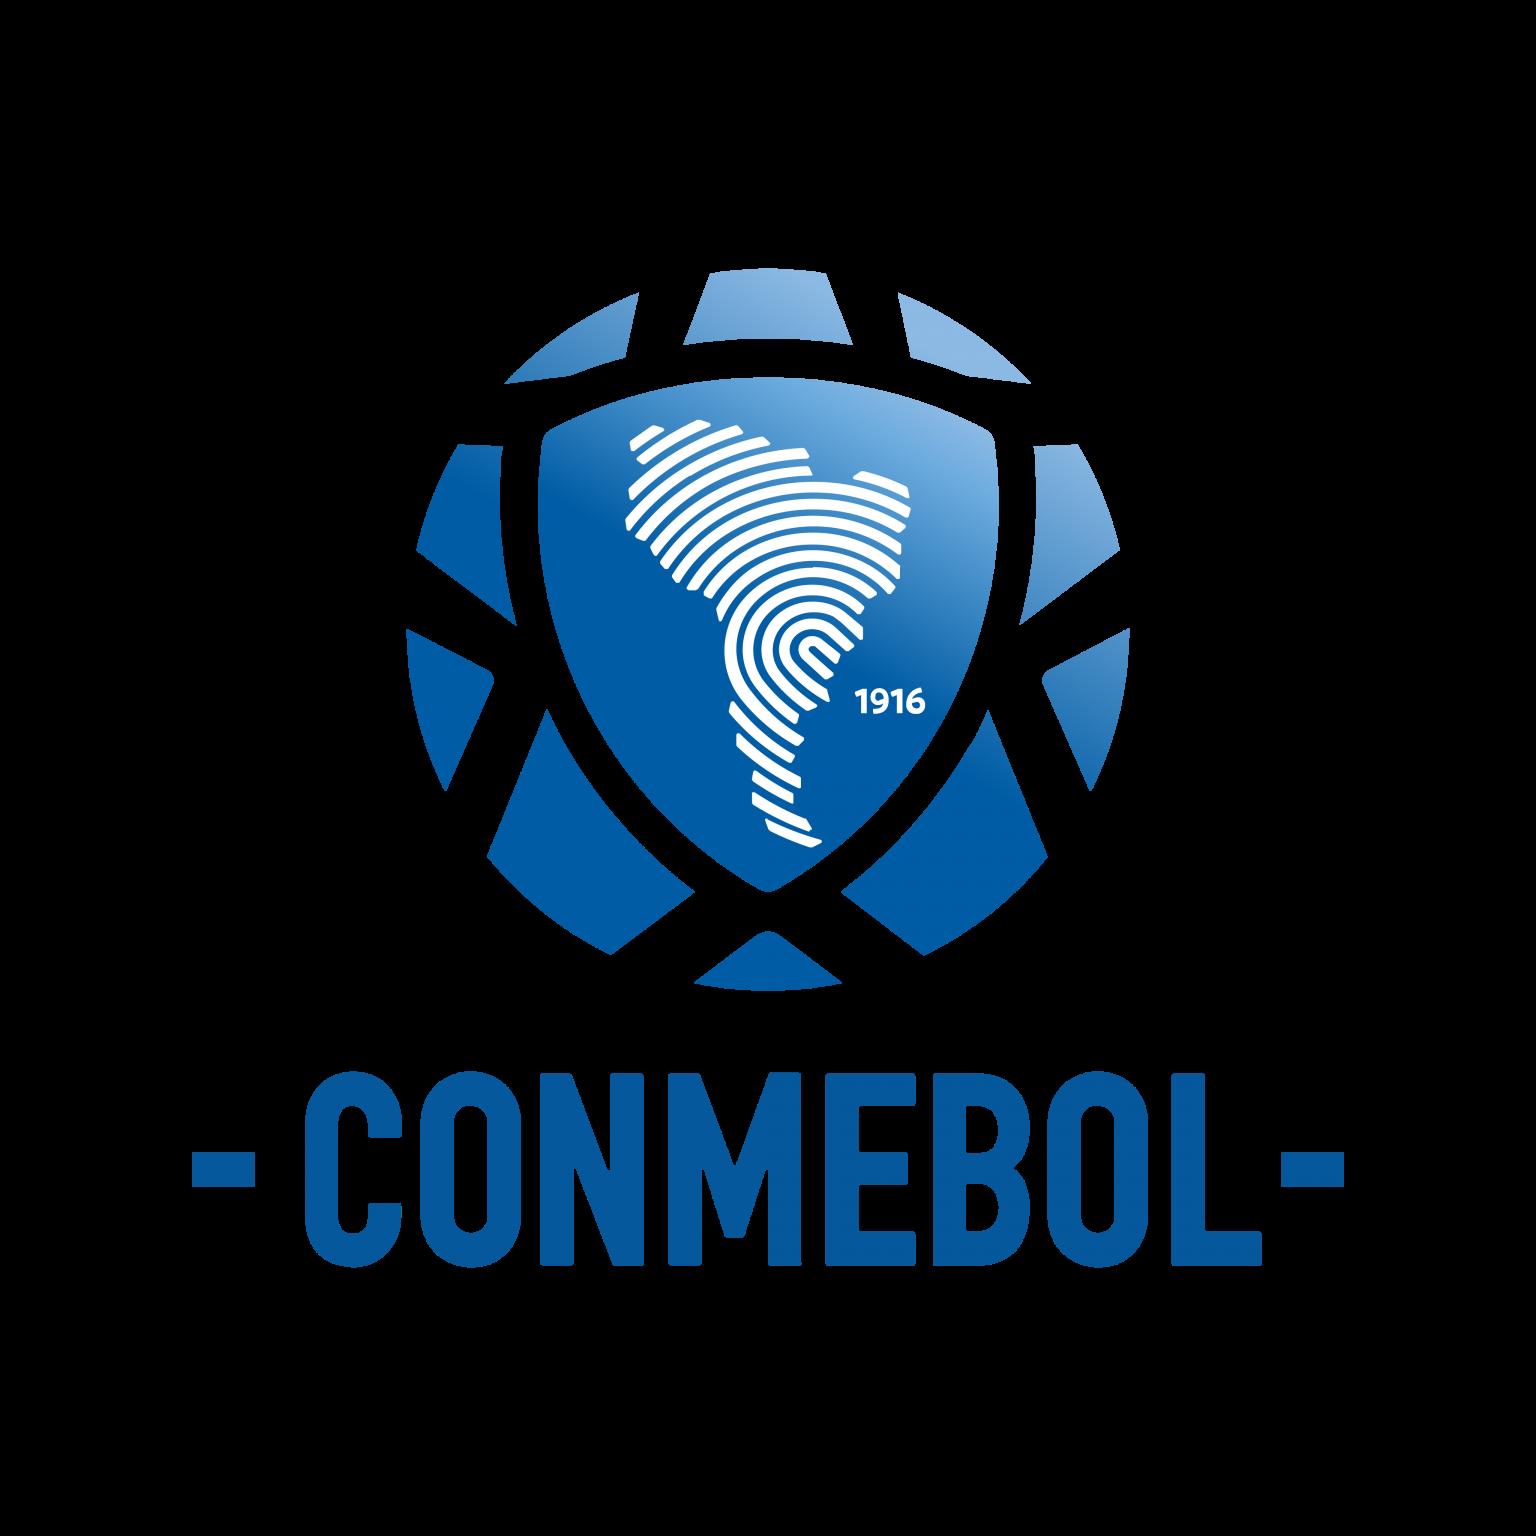 https://0201.nccdn.net/1_2/000/000/103/496/conmebol-logo-0-1536x1536.png